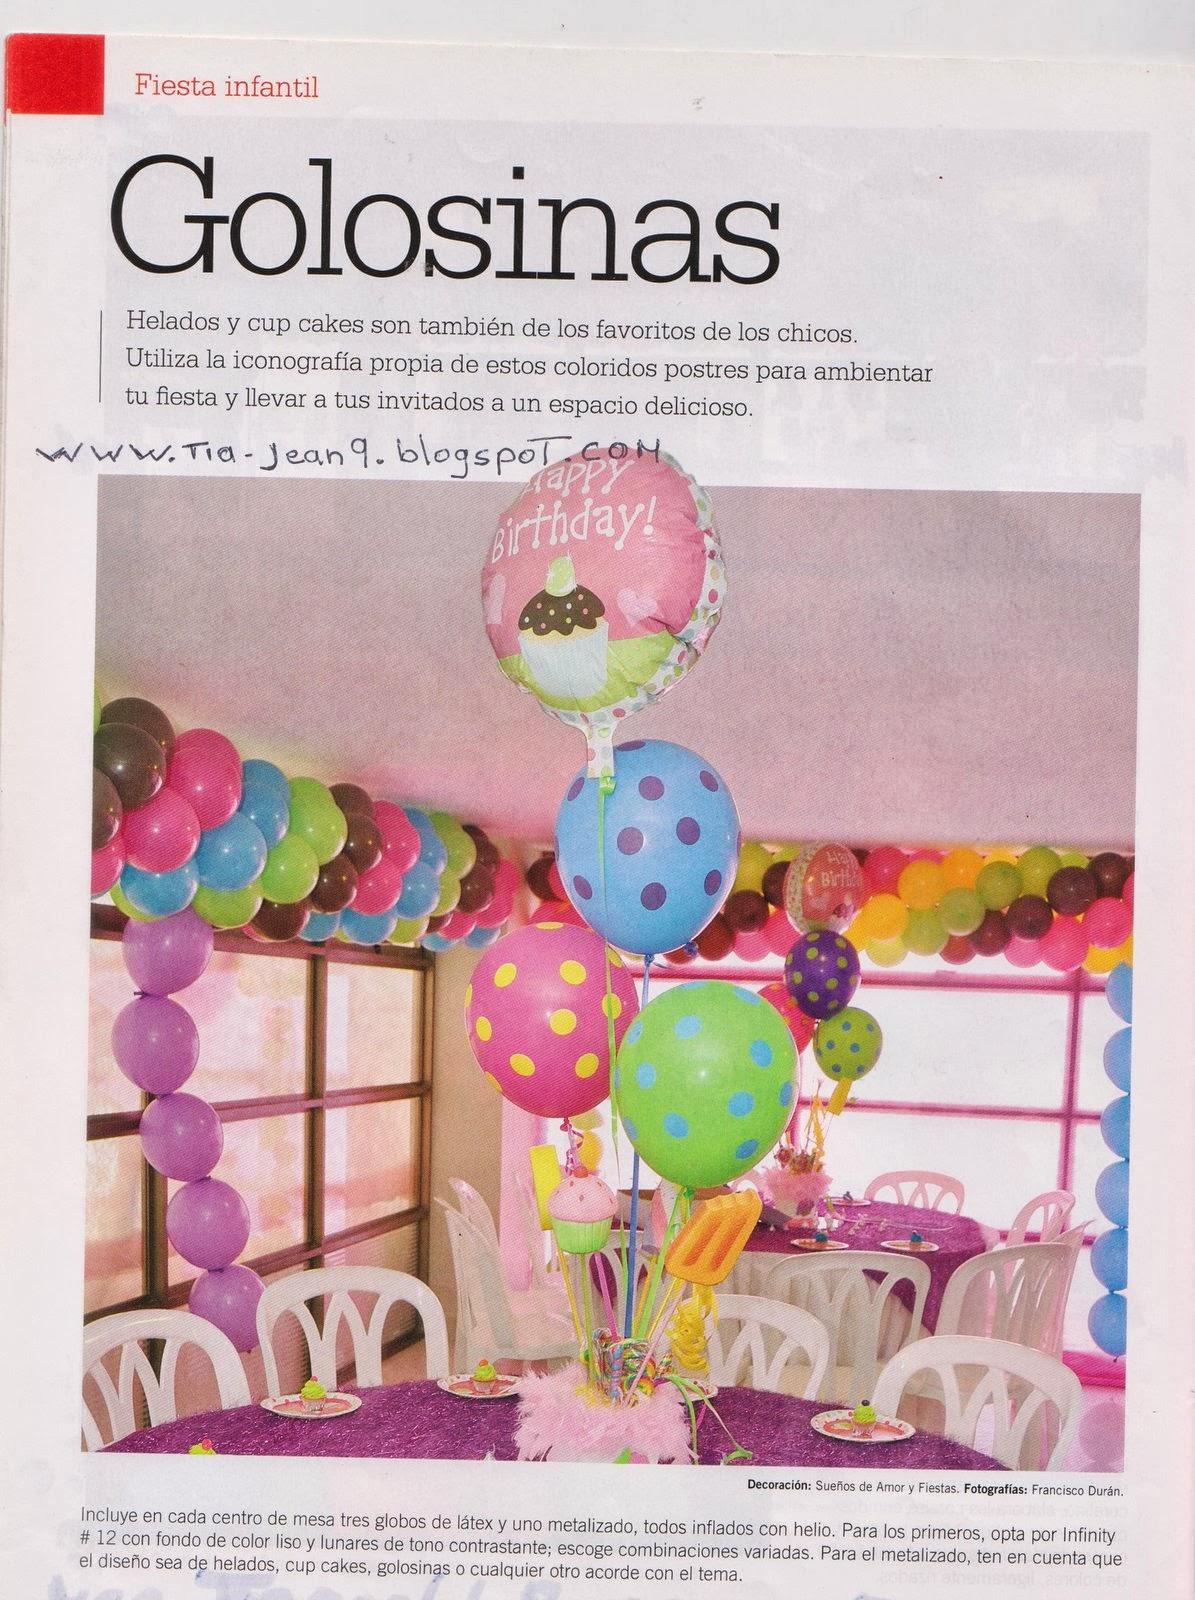 Moldes para todo decoraci n con globos golosinas - Adornos con golosinas ...